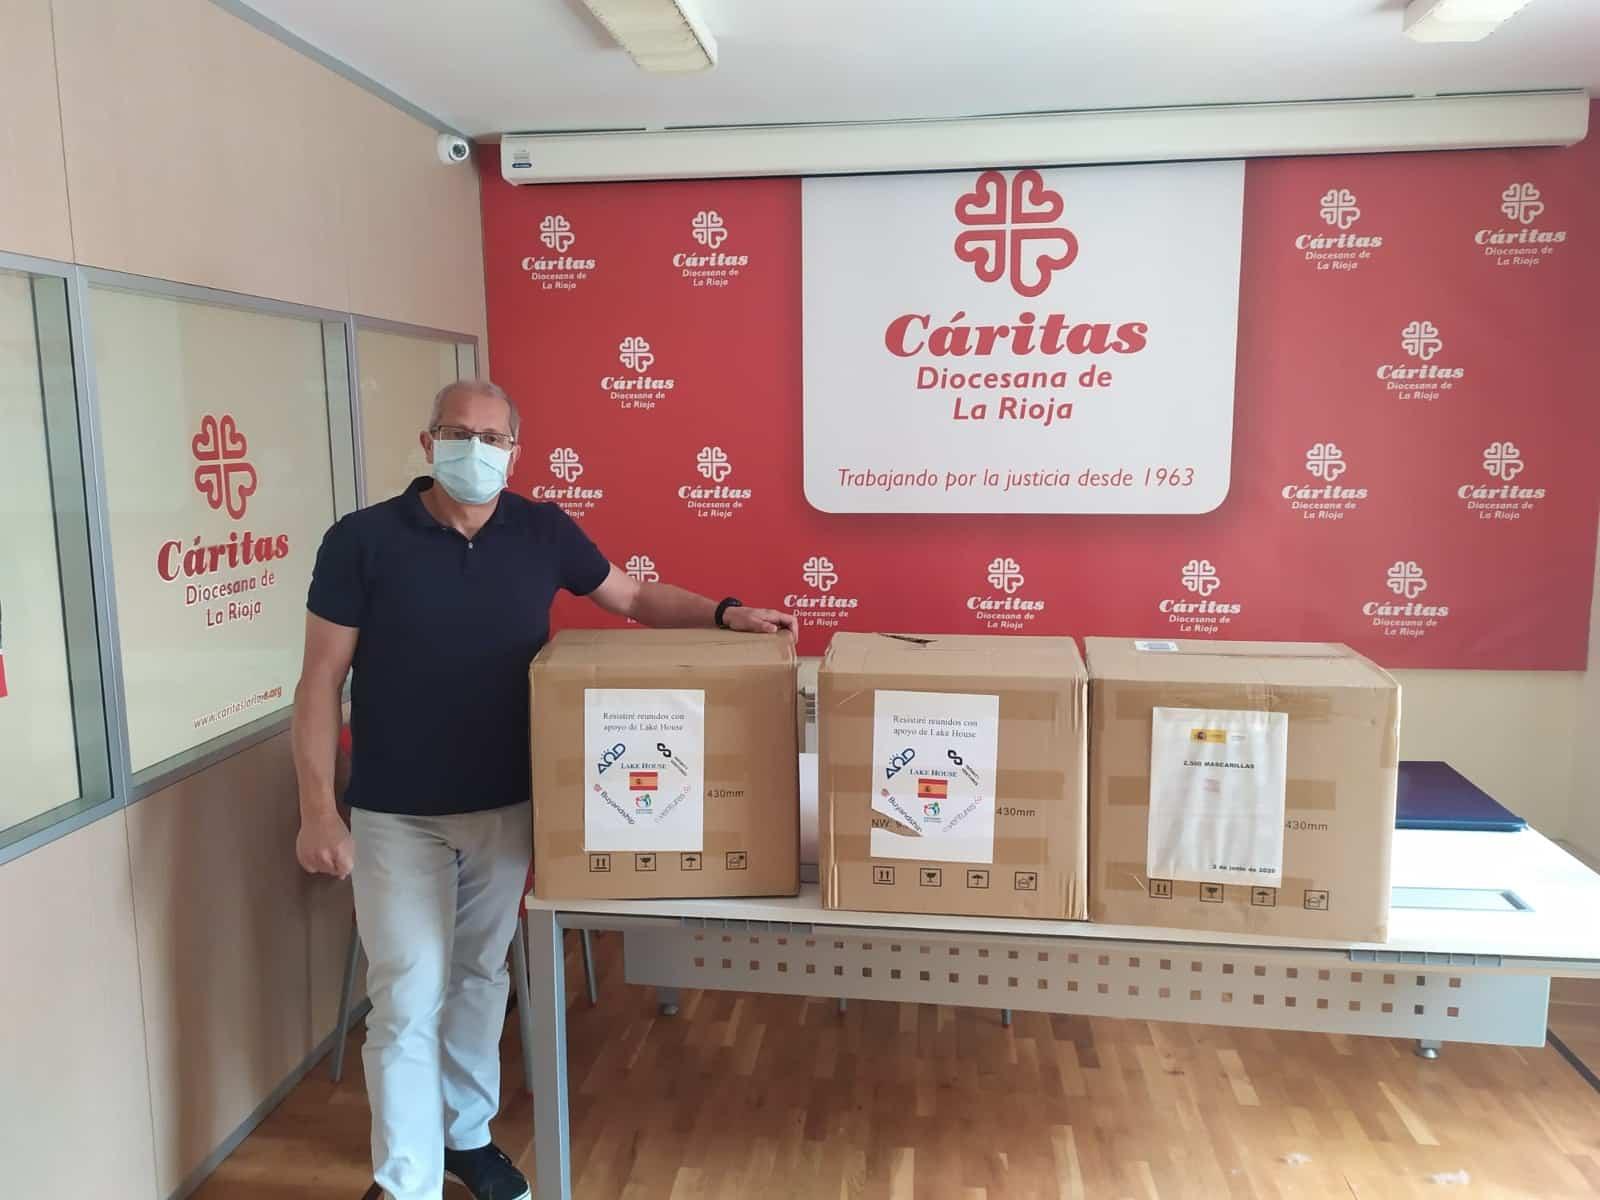 El Gobierno entrega 22.500 mascarillas a Cruz Roja, Cáritas y CERMI para los colectivos más vulnerables en La Rioja 2